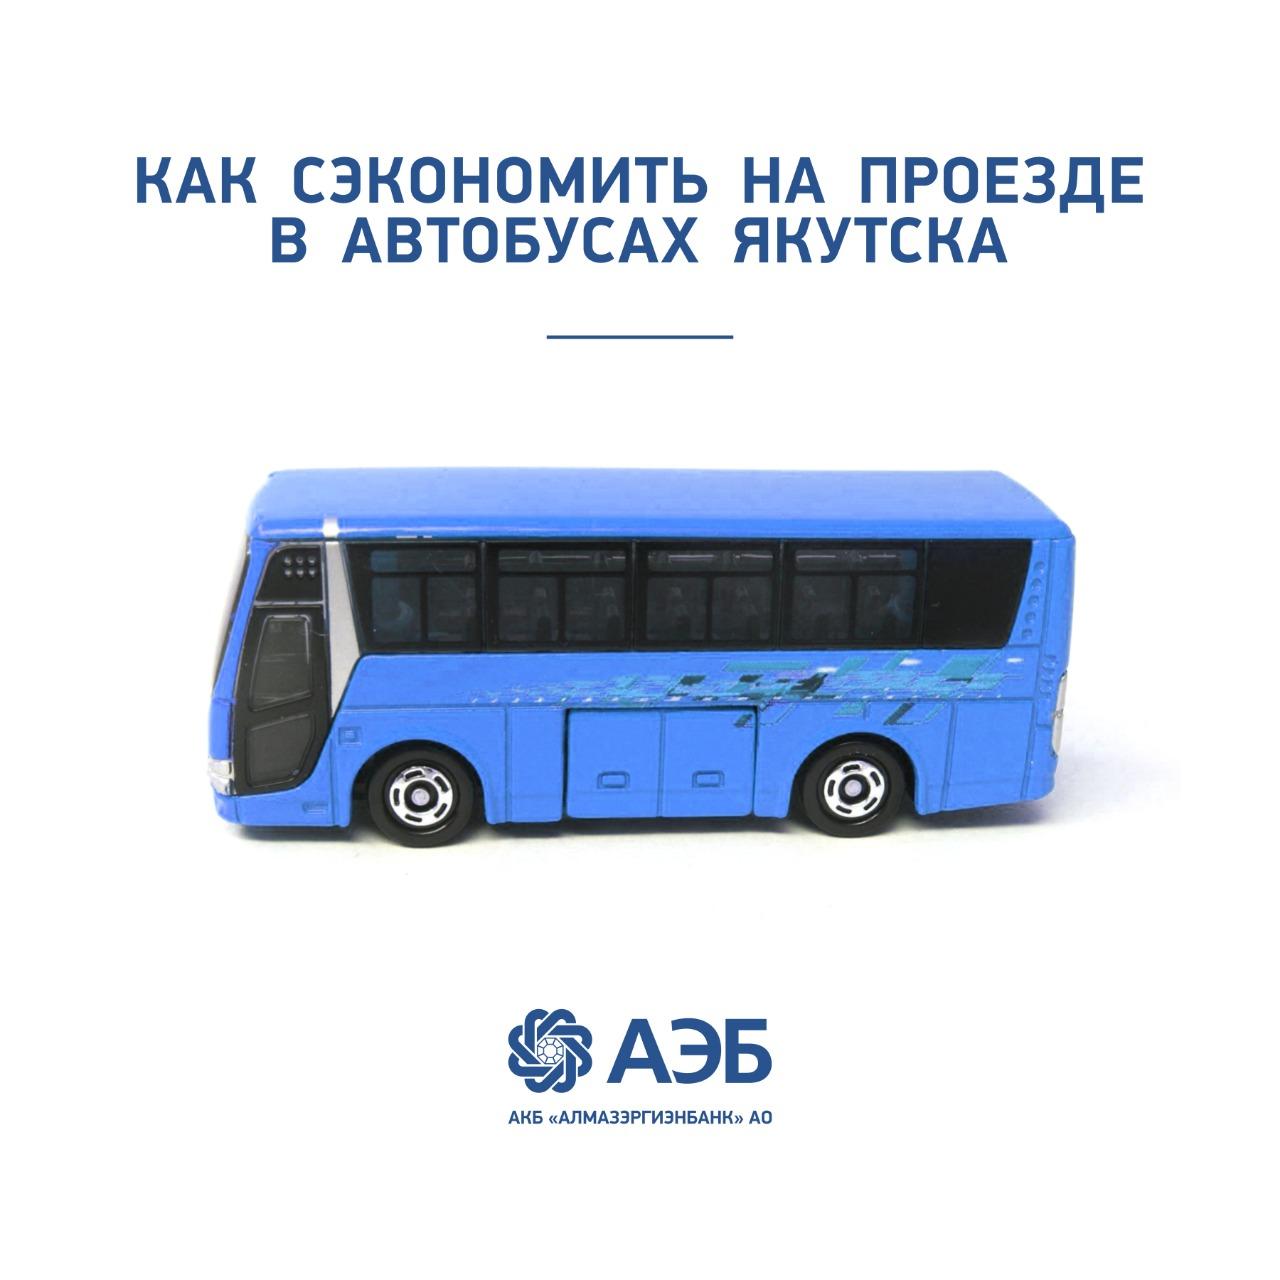 Инфографика.Как сэкономить на проезде в автобусах Якутска